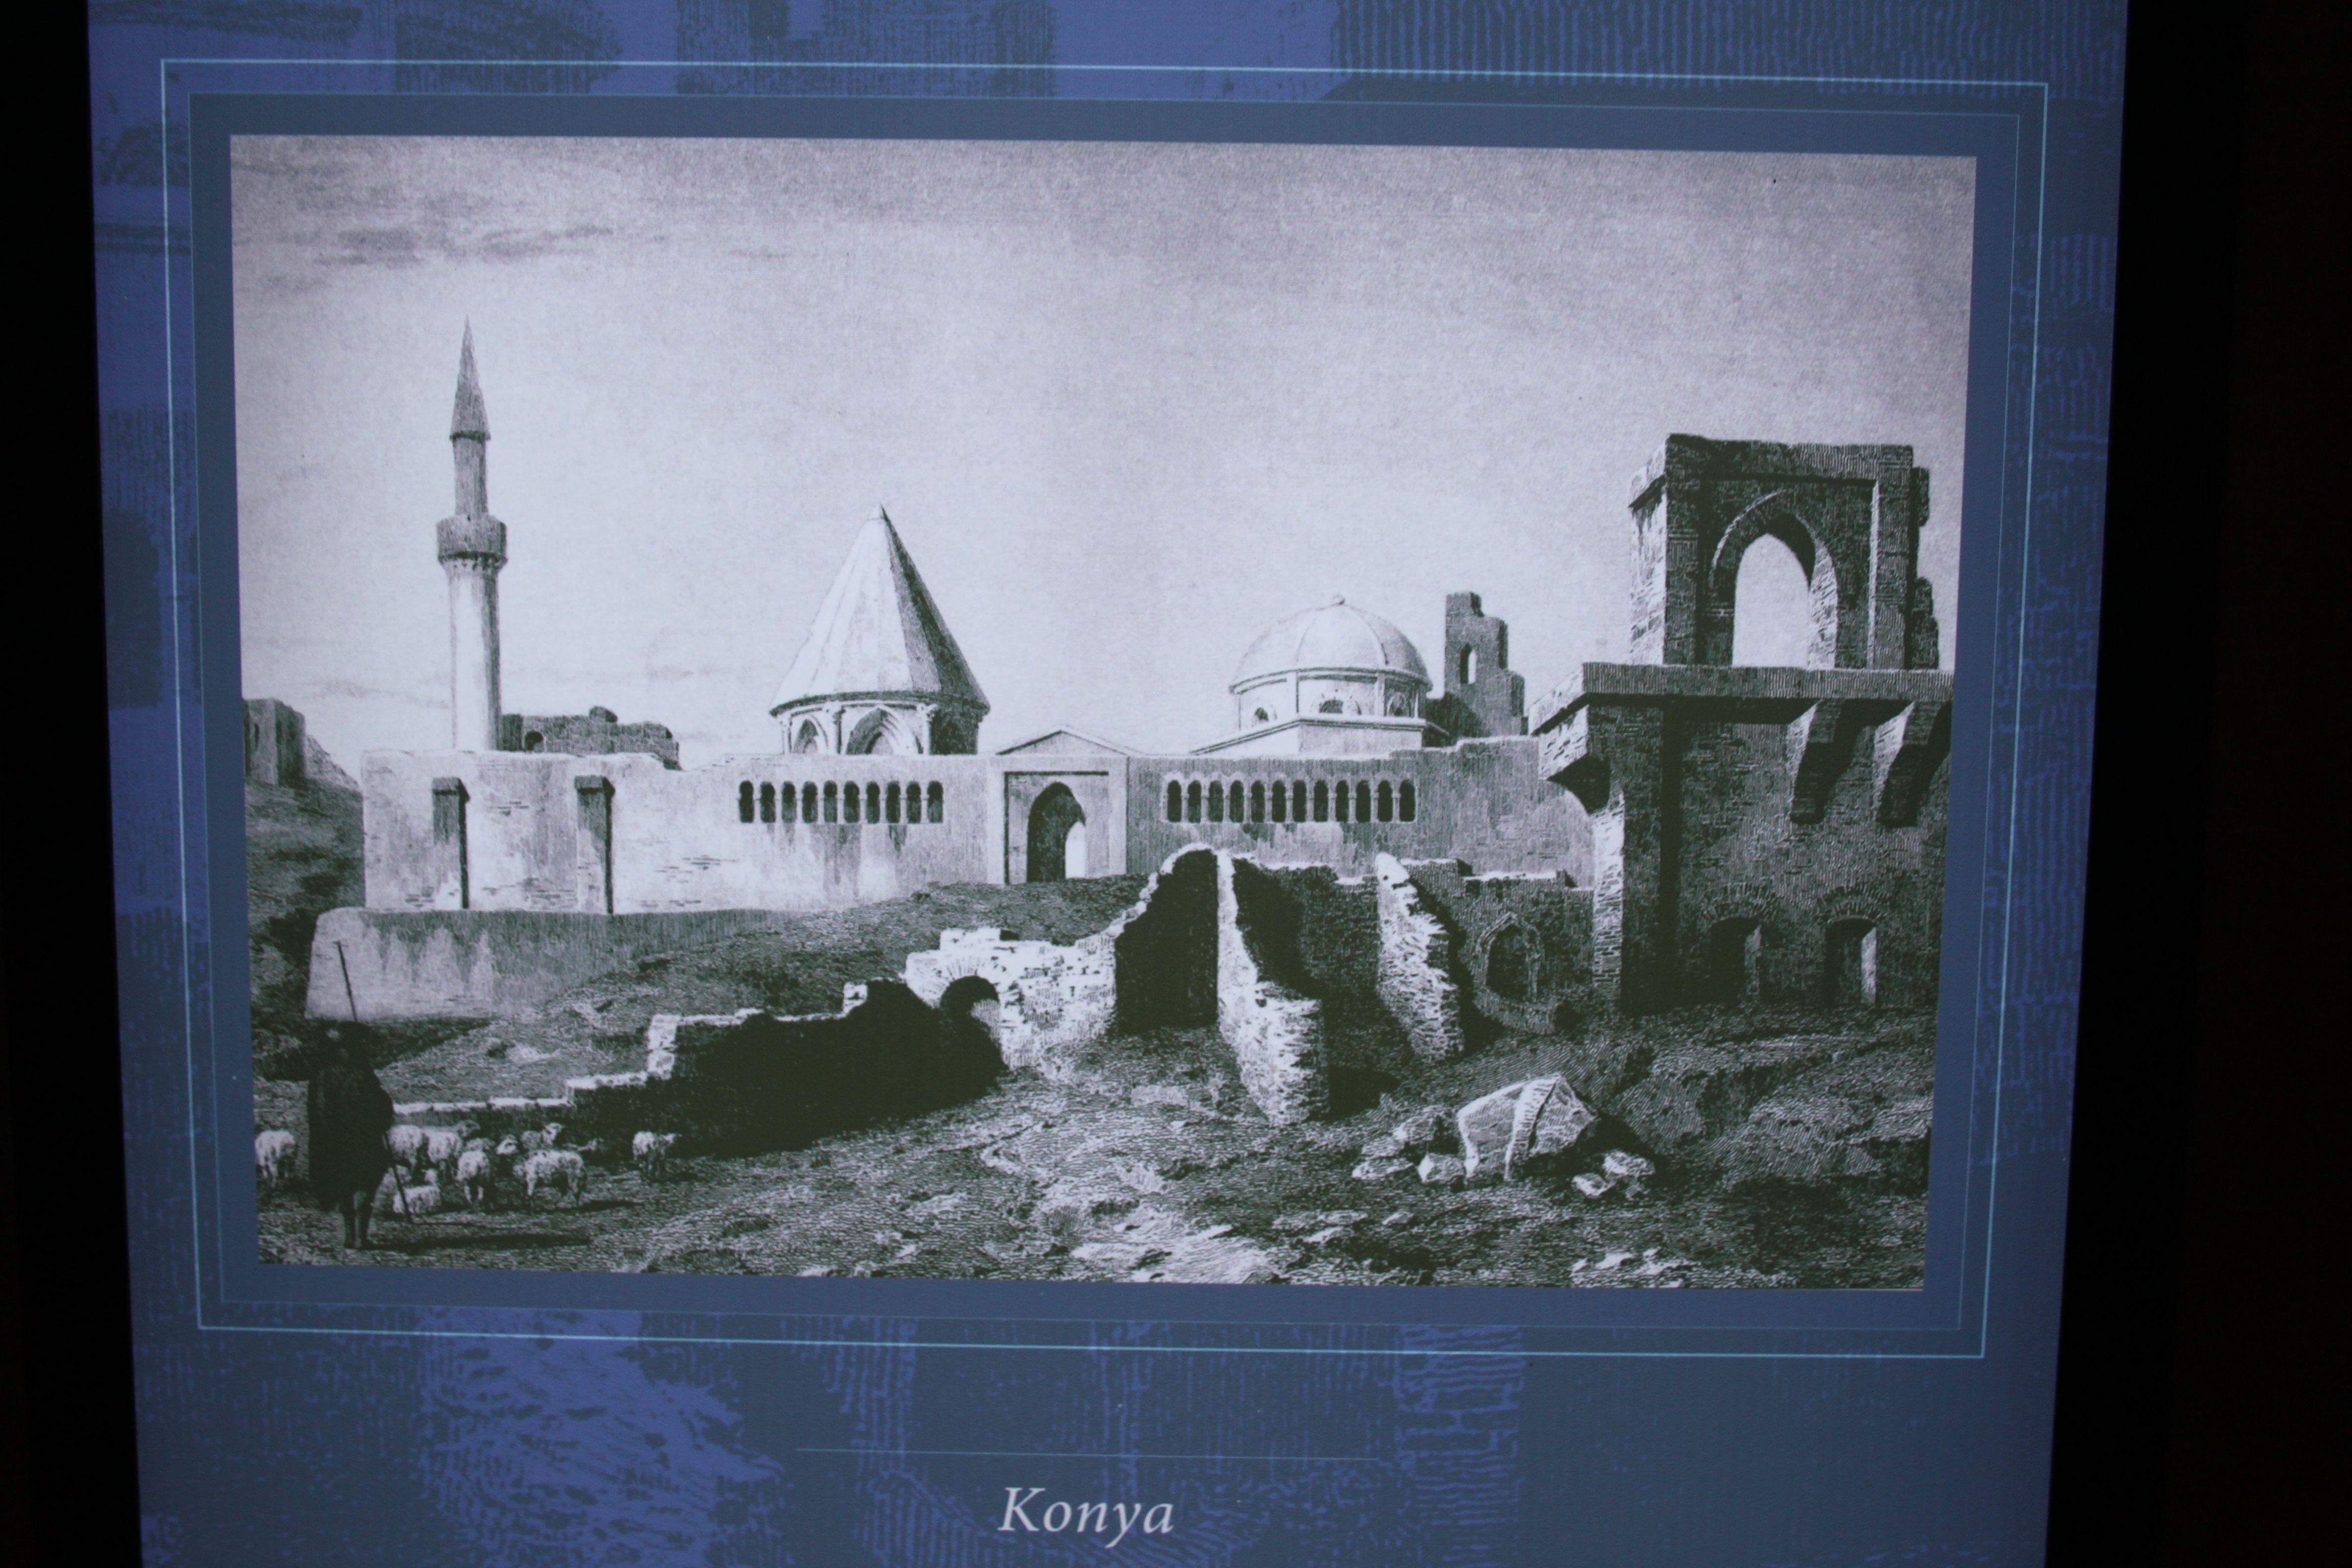 Seljuk Civilization Museum / History of Gevher Nesibe Medical Museum - Kayseri/TURKEY